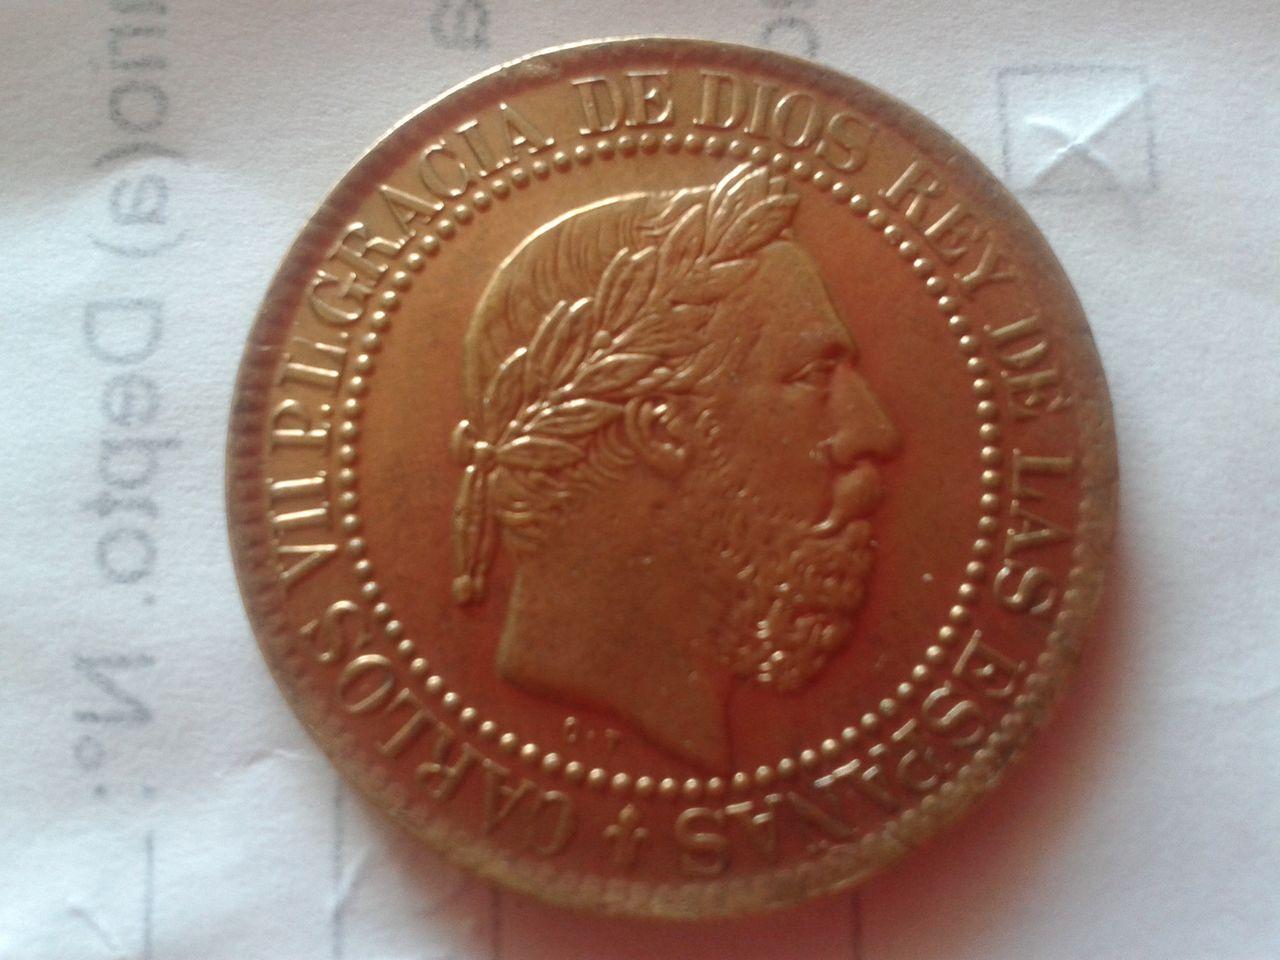 10 CÉNTIMOS DE PESETA. 1875. CAROLUS VII. CECA OÑATE. 20141229_091041